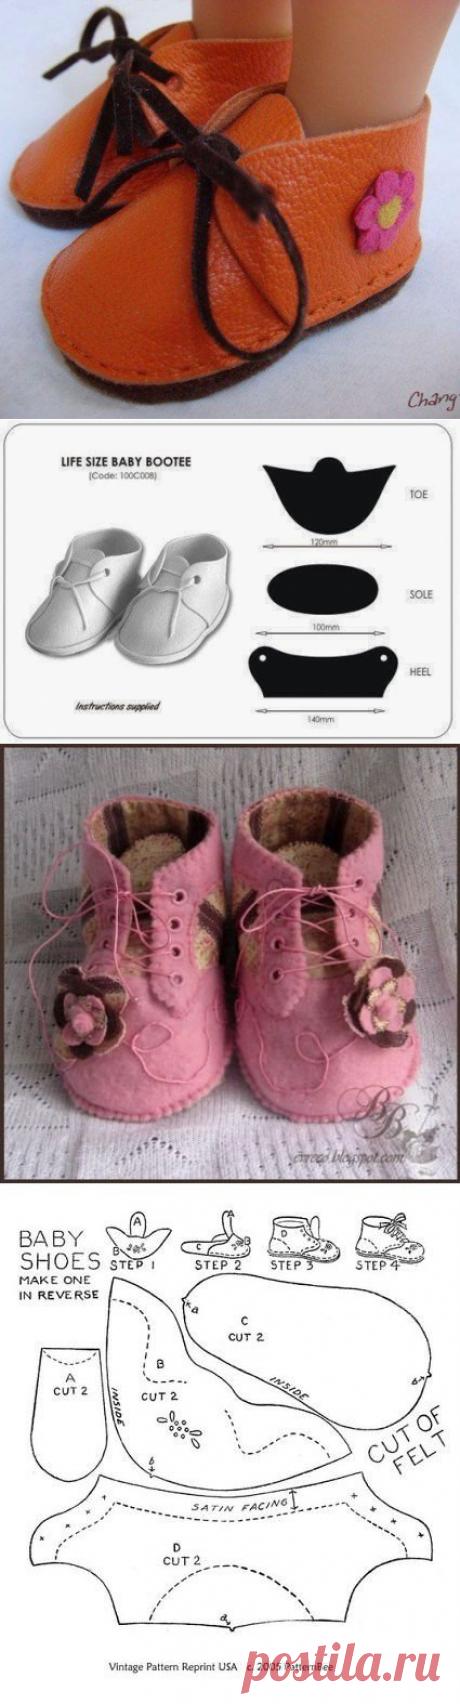 Выкройки обуви для куколок